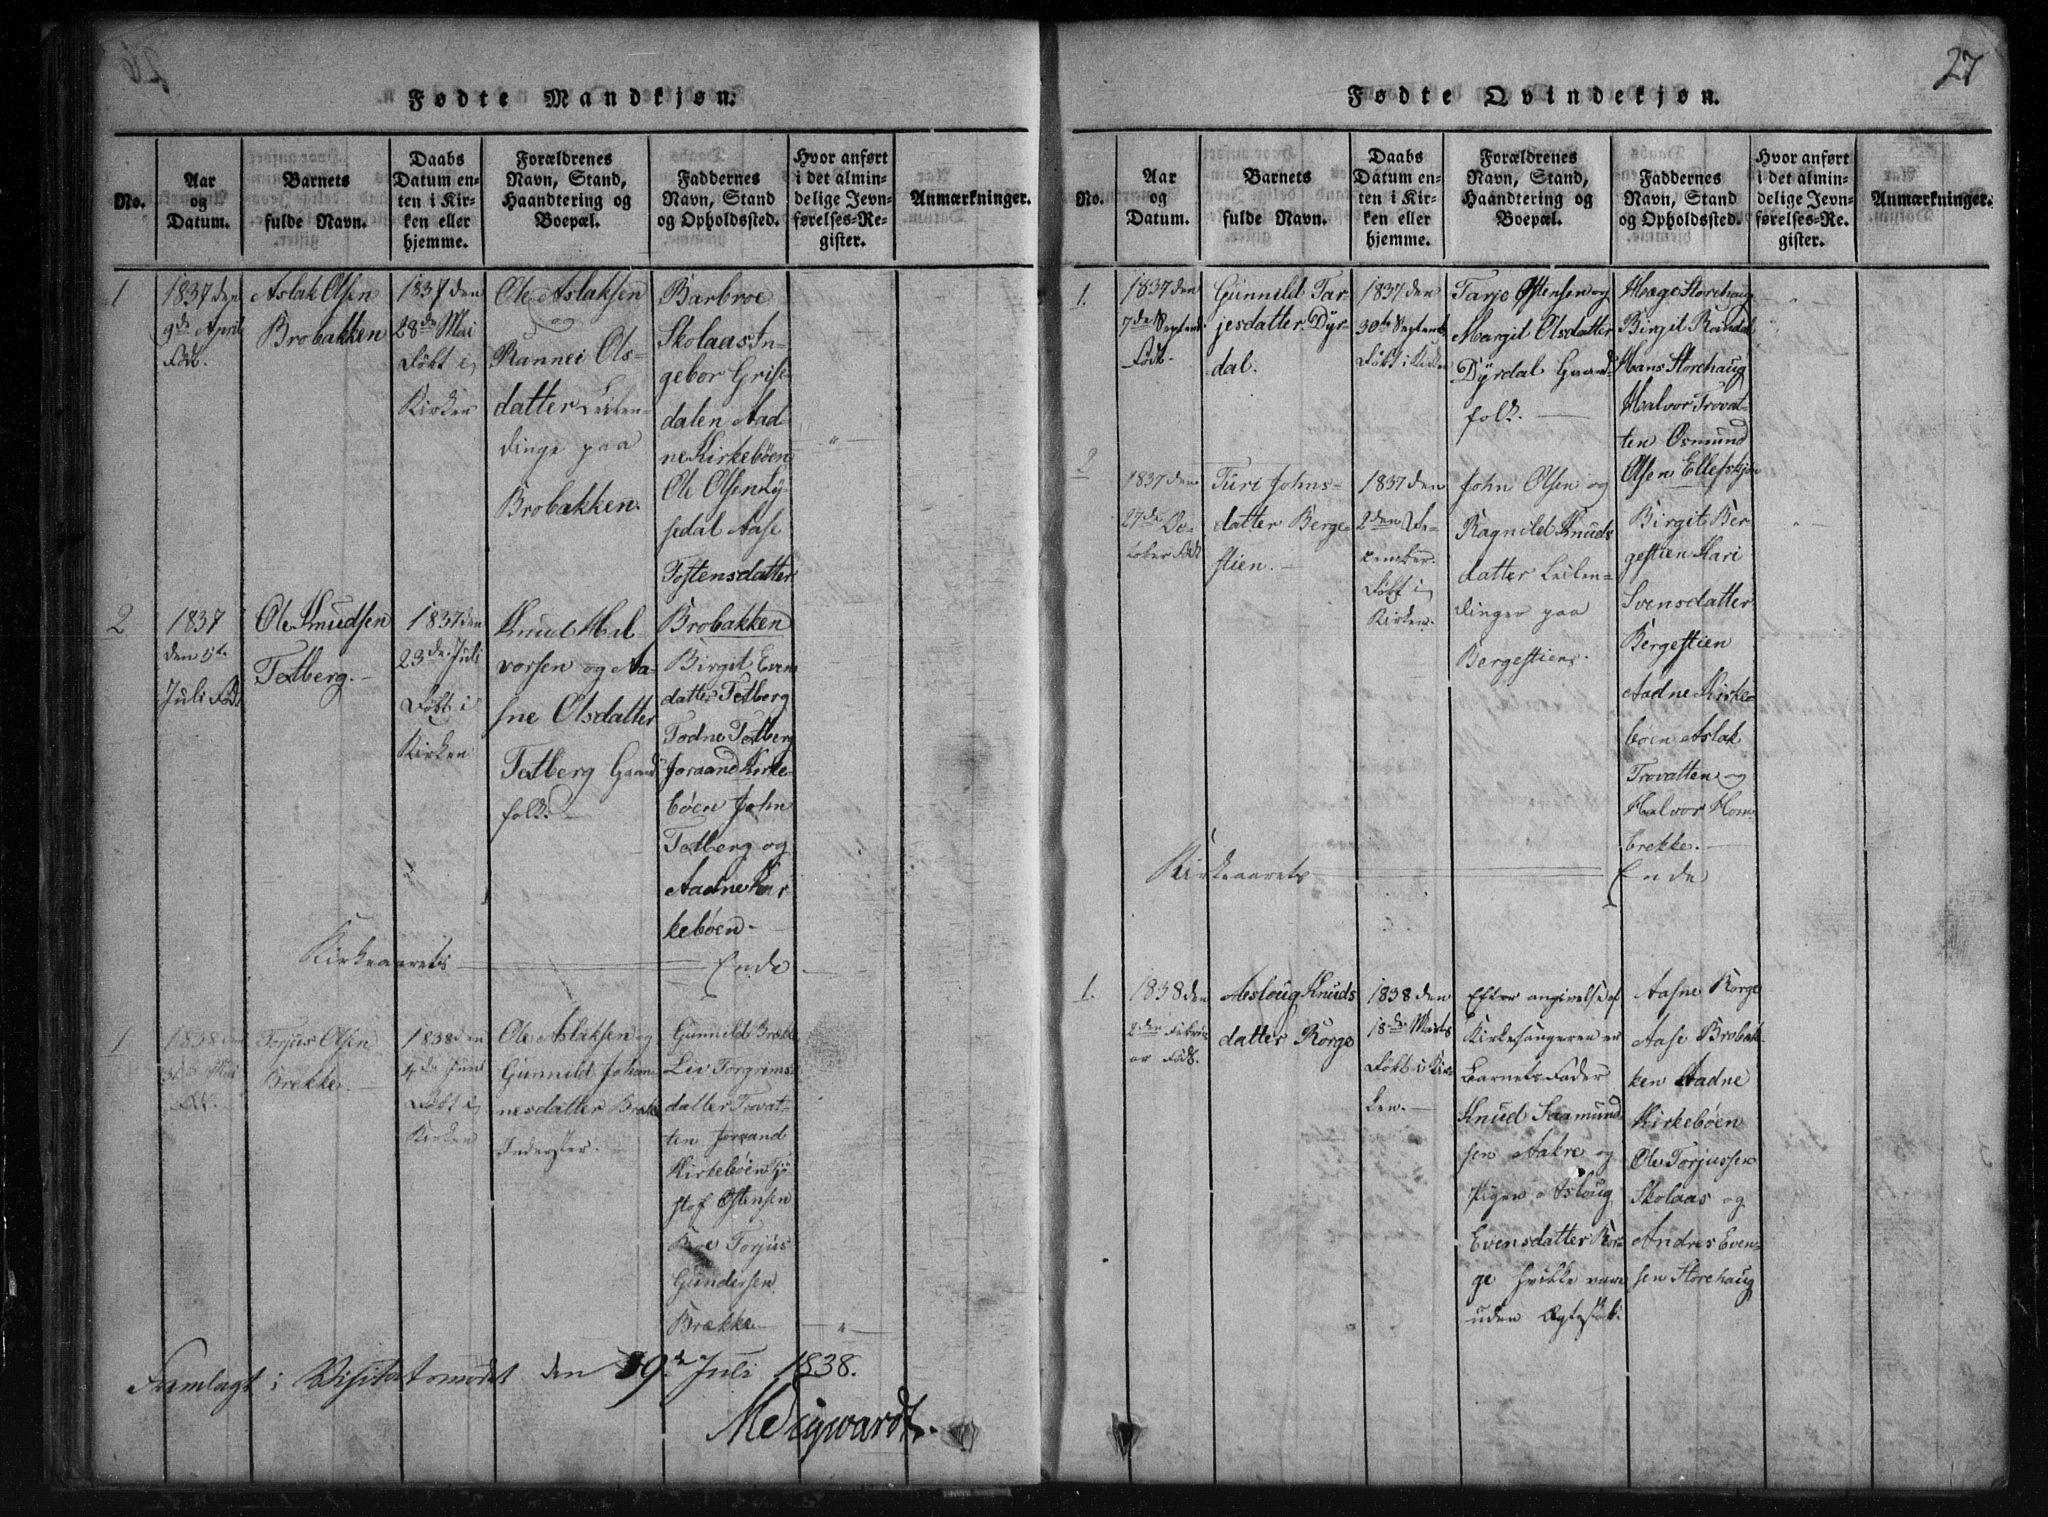 SAKO, Rauland kirkebøker, G/Gb/L0001: Klokkerbok nr. II 1, 1815-1886, s. 27